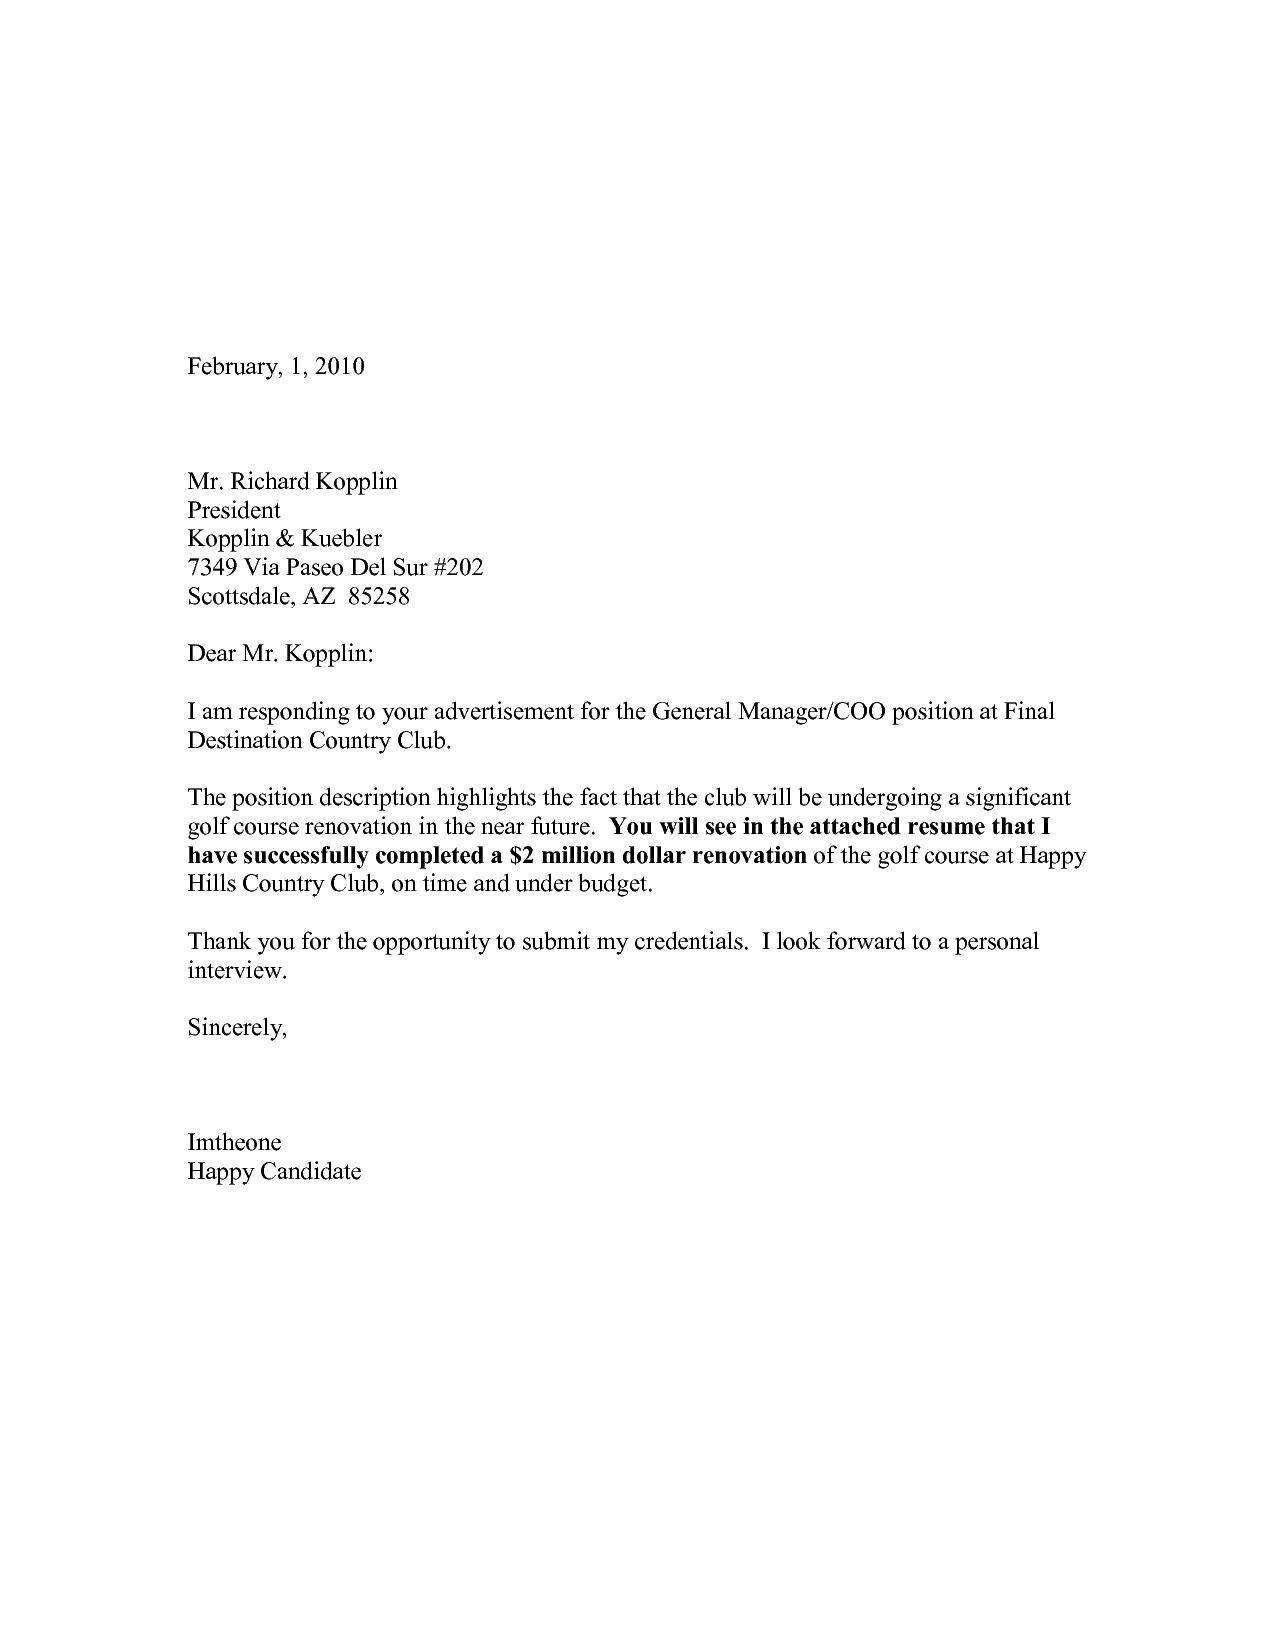 Resume Cover Letter Sample Best TemplateCover Letter